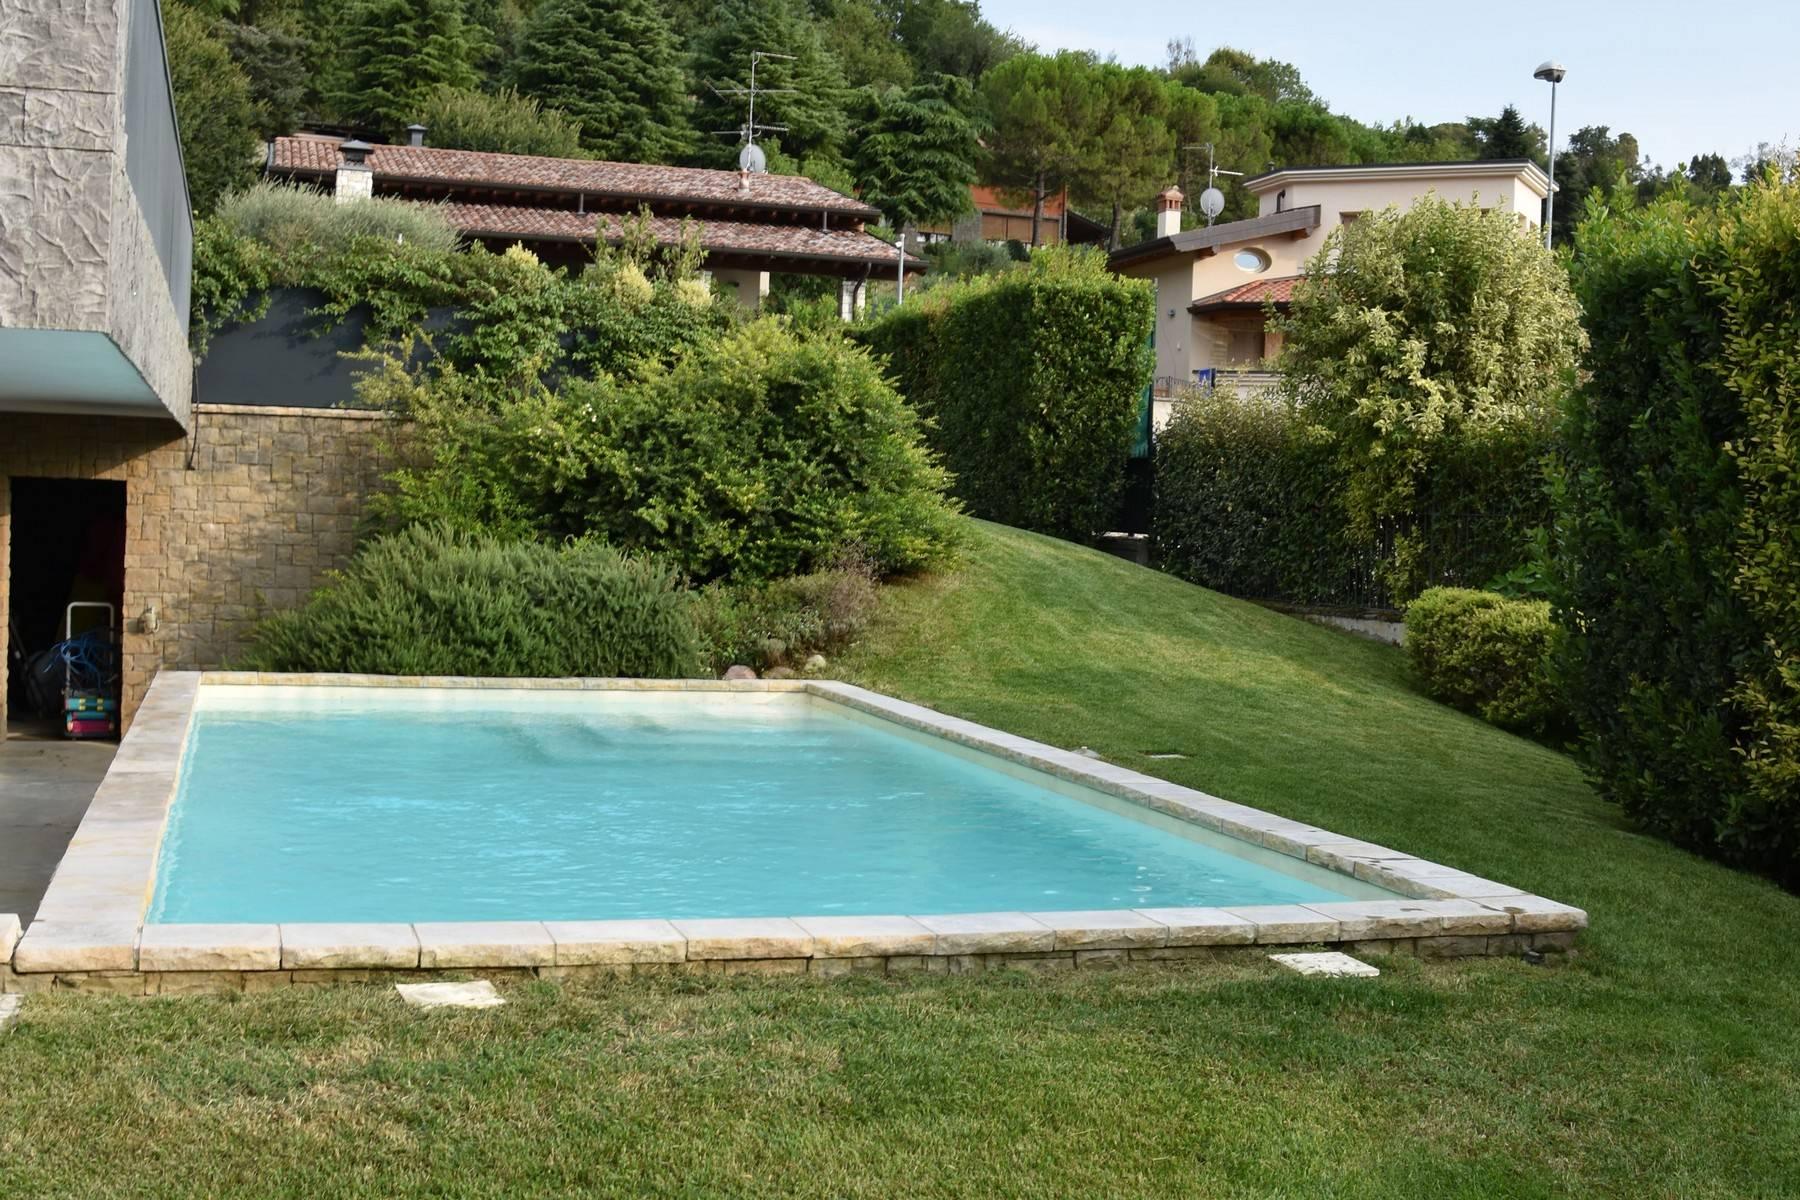 Villa in Vendita a Gussago: 5 locali, 424 mq - Foto 17